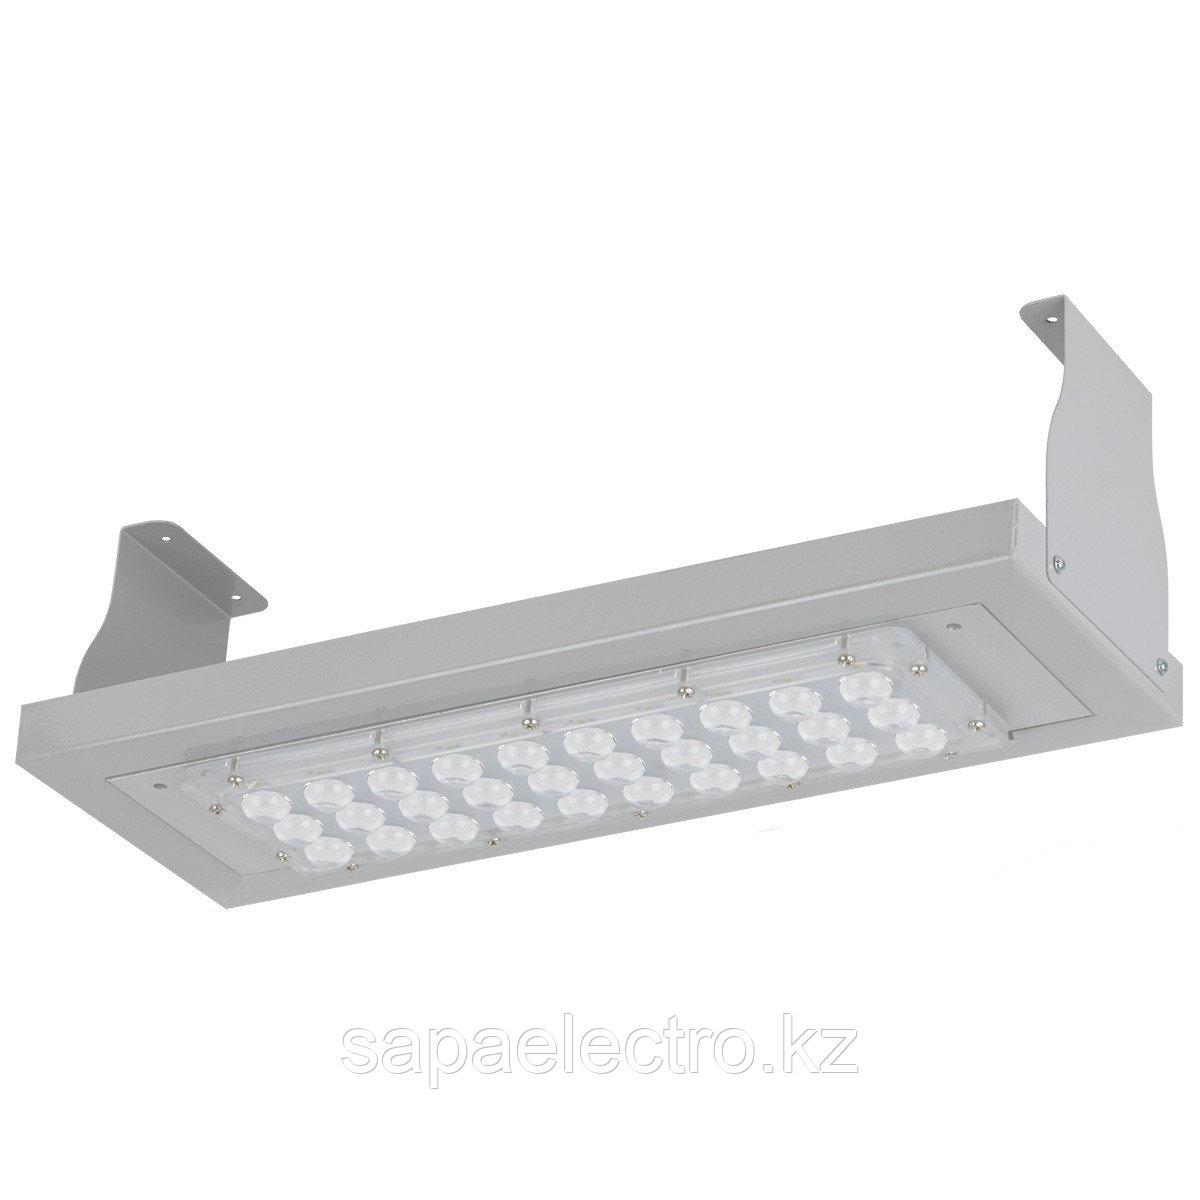 Свет-к LED AZS  SMART Подвесной 30W MGL (TS) 1шт